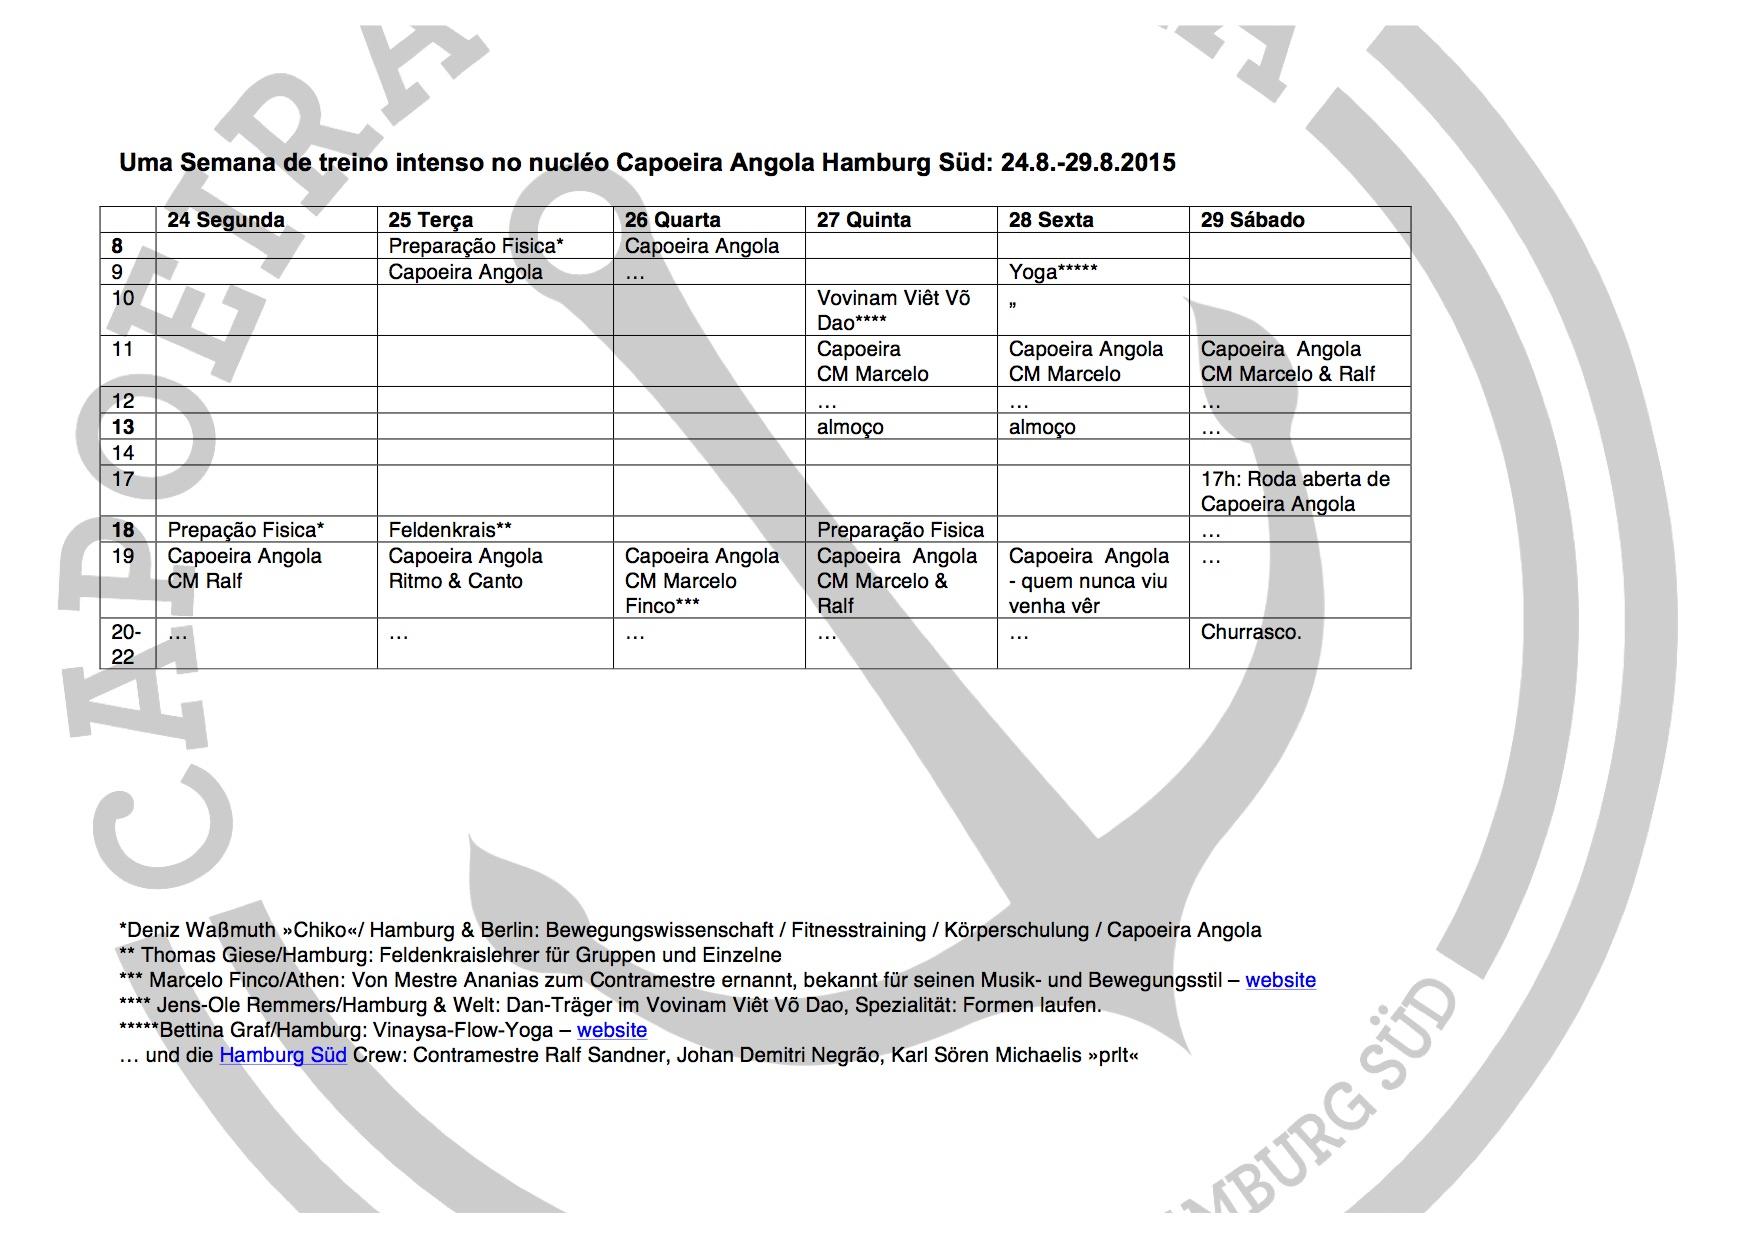 Trainingswoche-Stundenplan